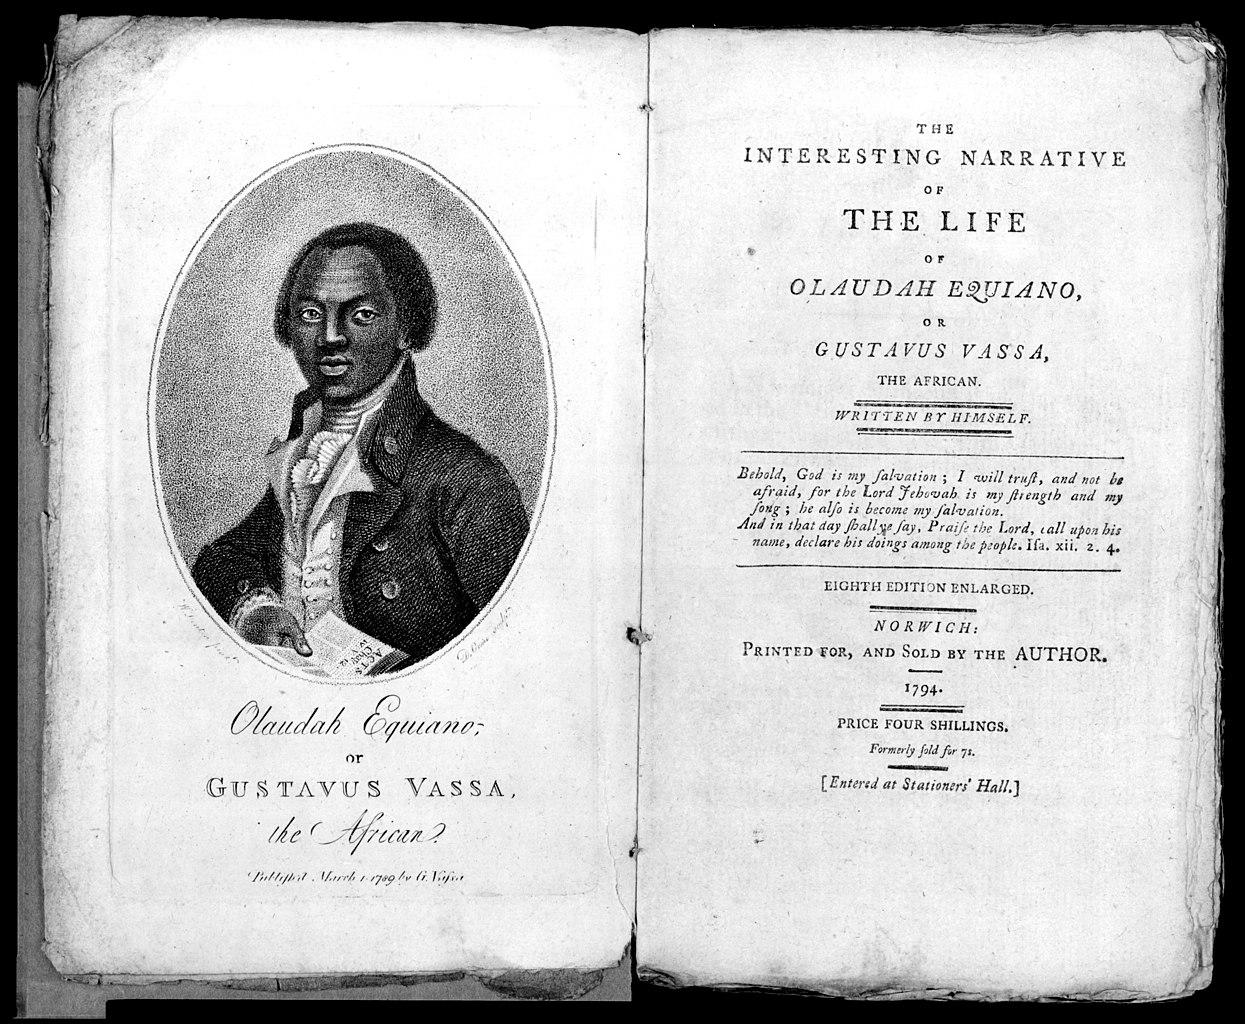 كتاب «قصة حياة أولودا إكويانو المثيرة»